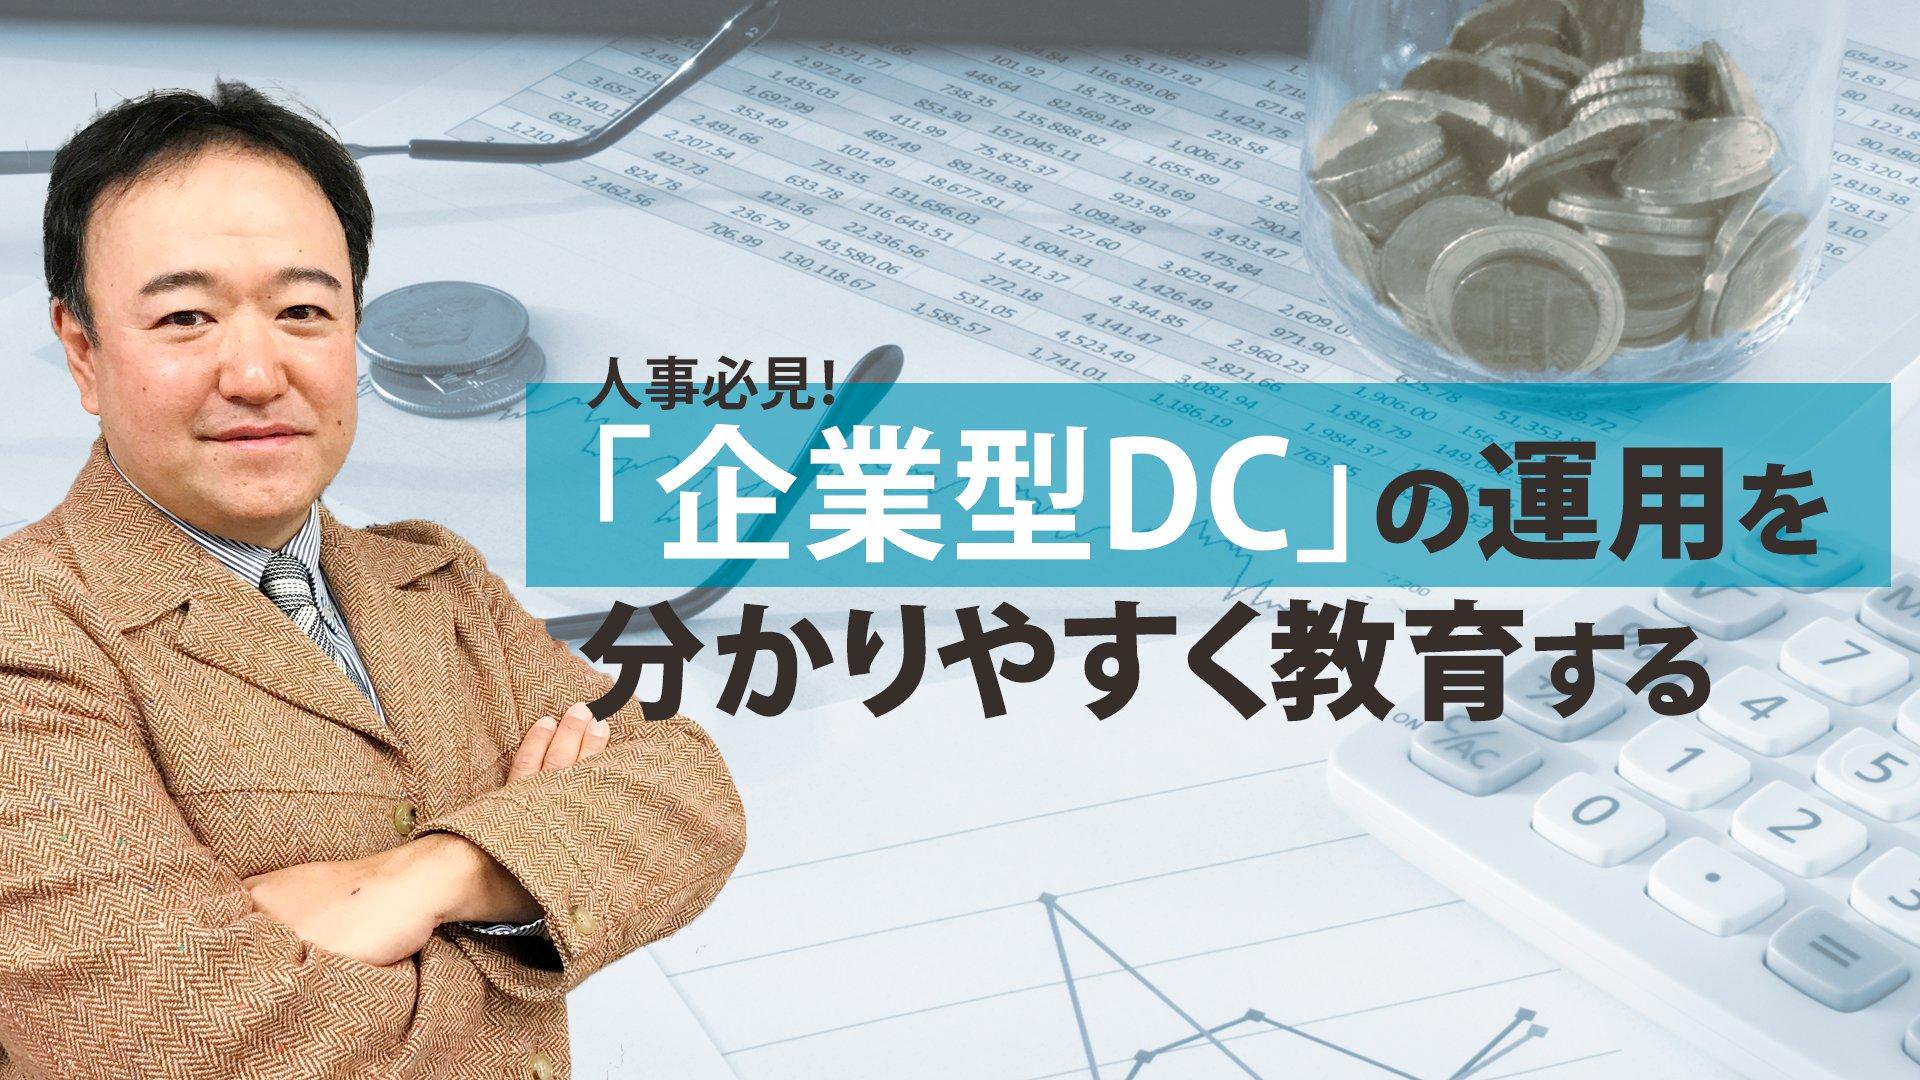 人事必見!「企業型DC」の運用を従業員にわかりやすく教育する方法とは